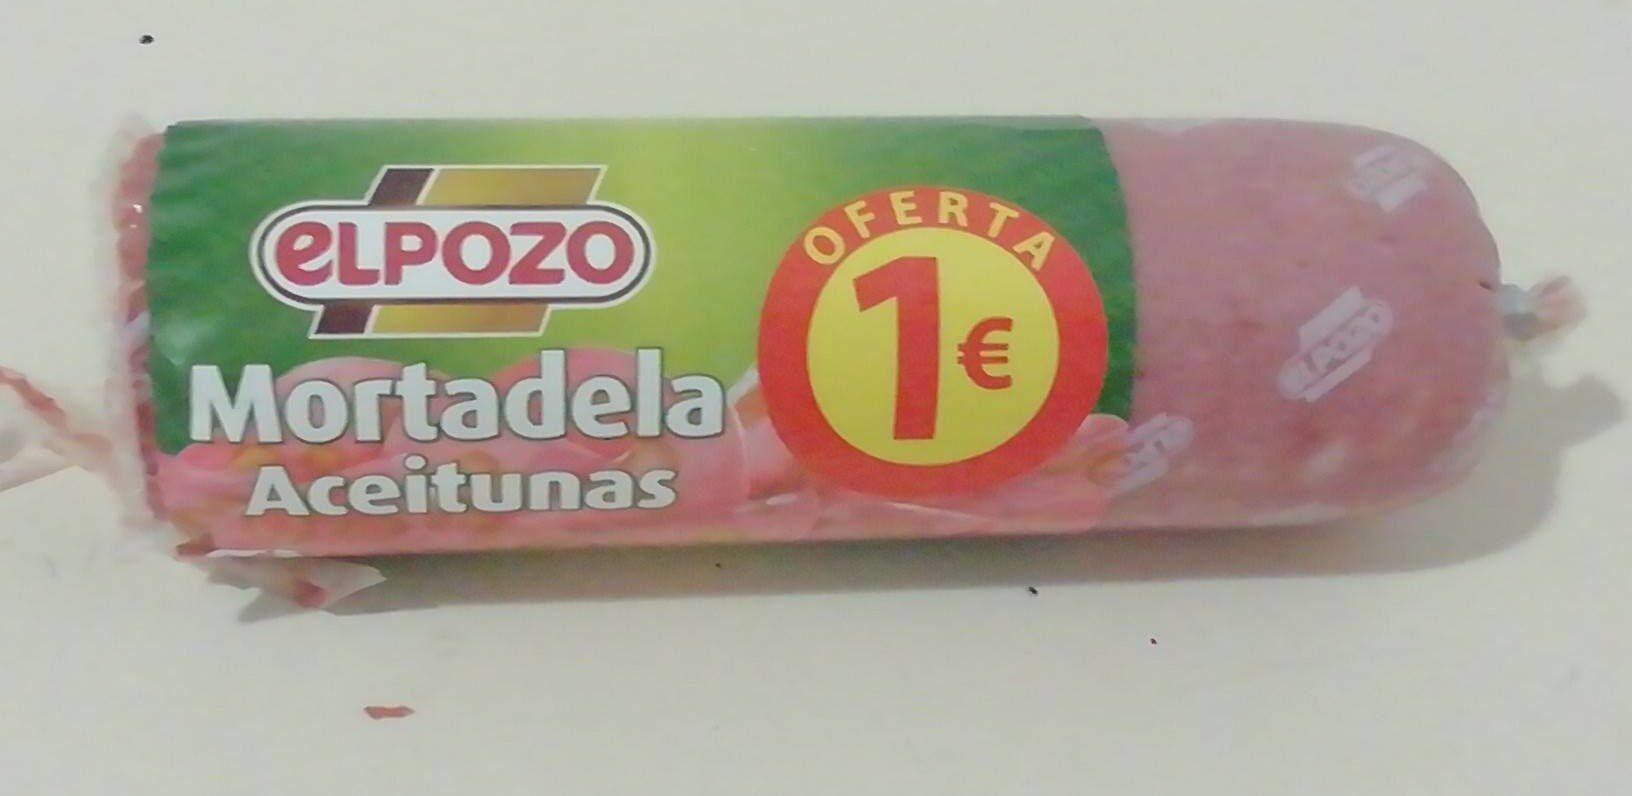 Mortadela aceitunas EL POZO - Producto - es